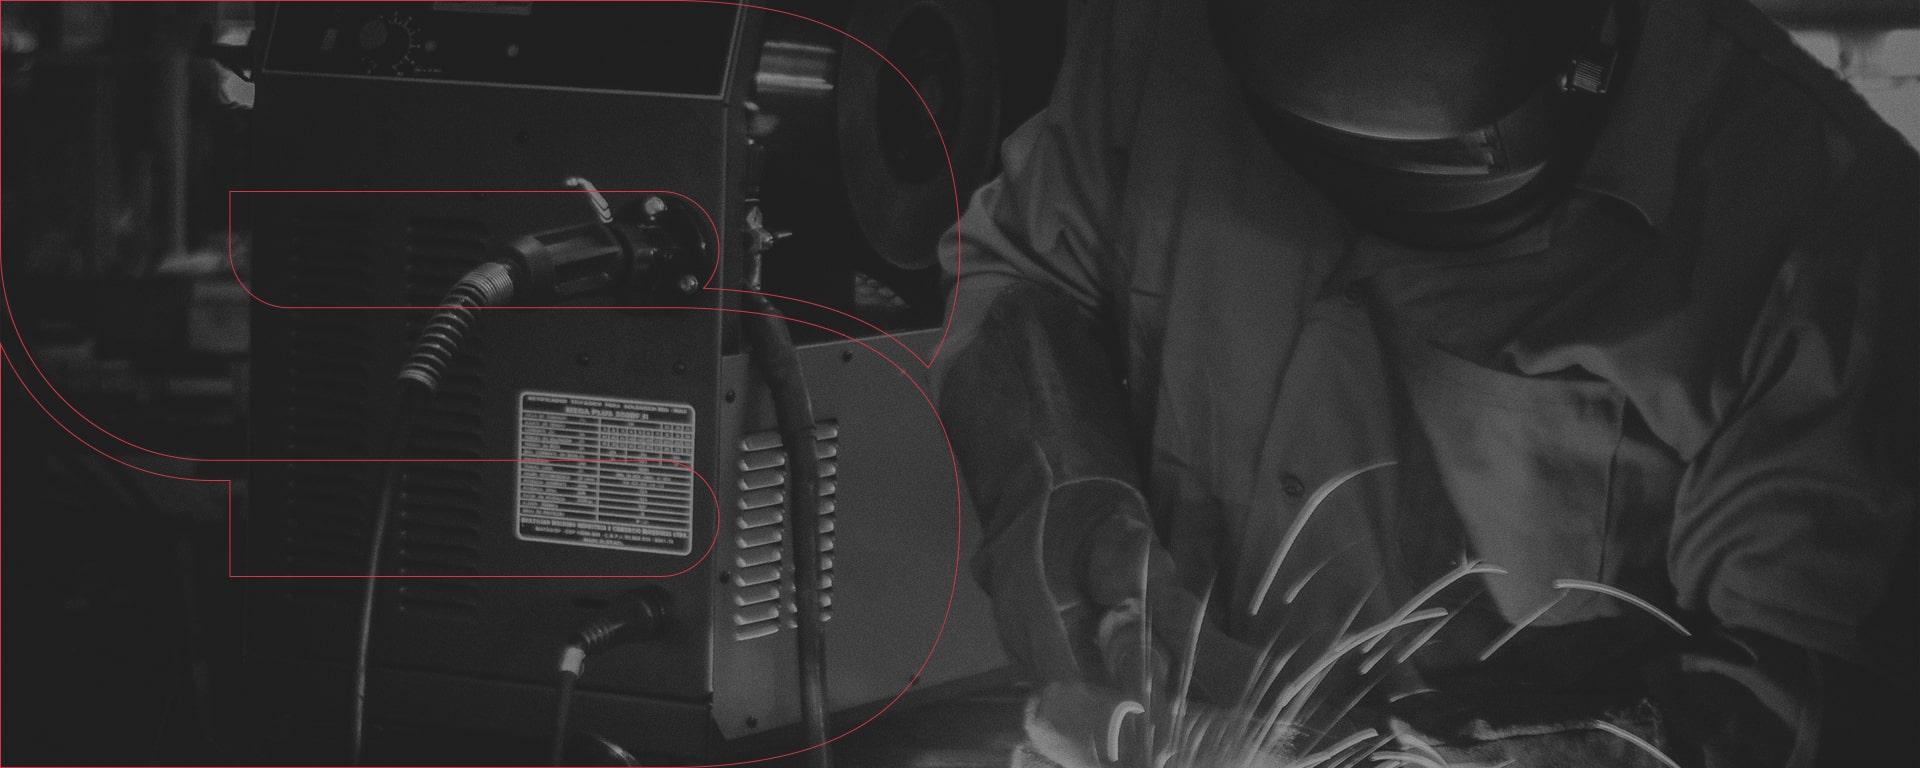 bambozzi-alternadores-grupo-geradores-solda-máquinas-talhas-moto-1 (2)